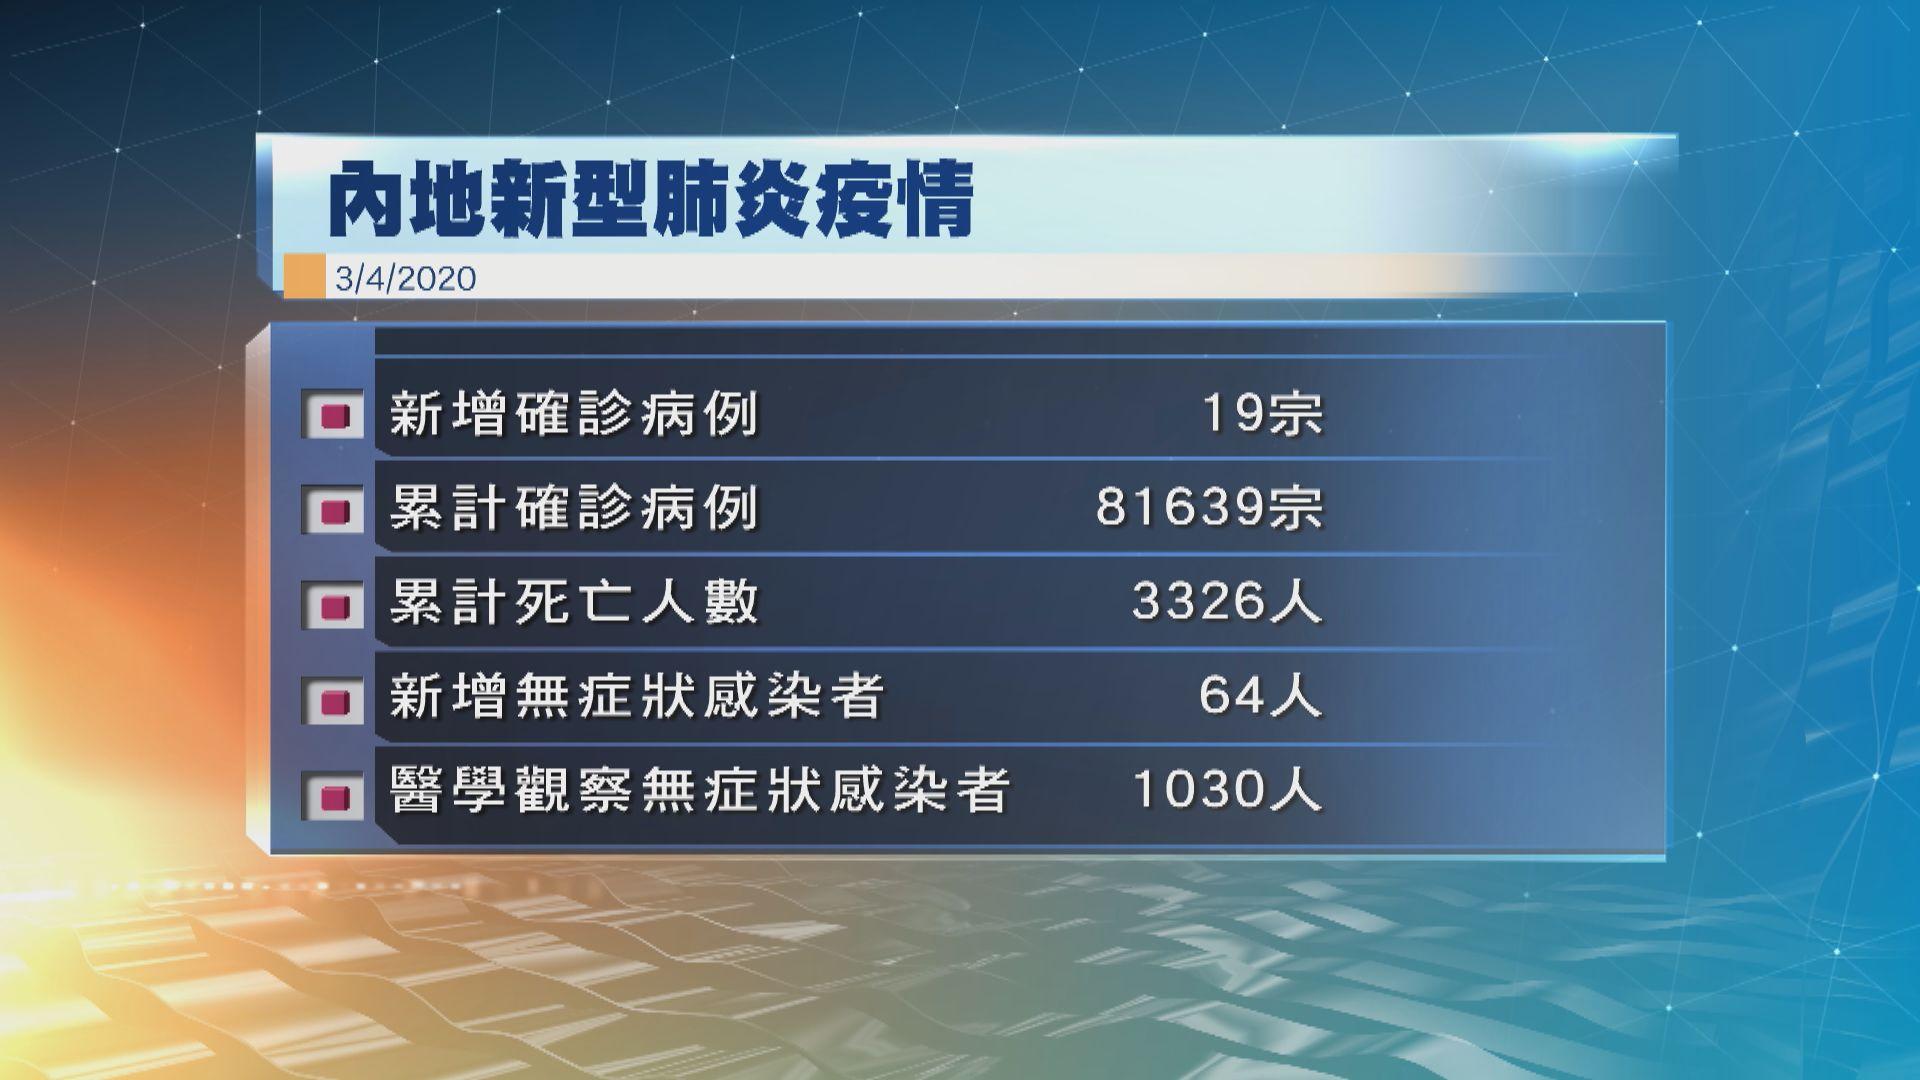 內地昨日新增19宗確診 武漢相隔近兩周再添病例